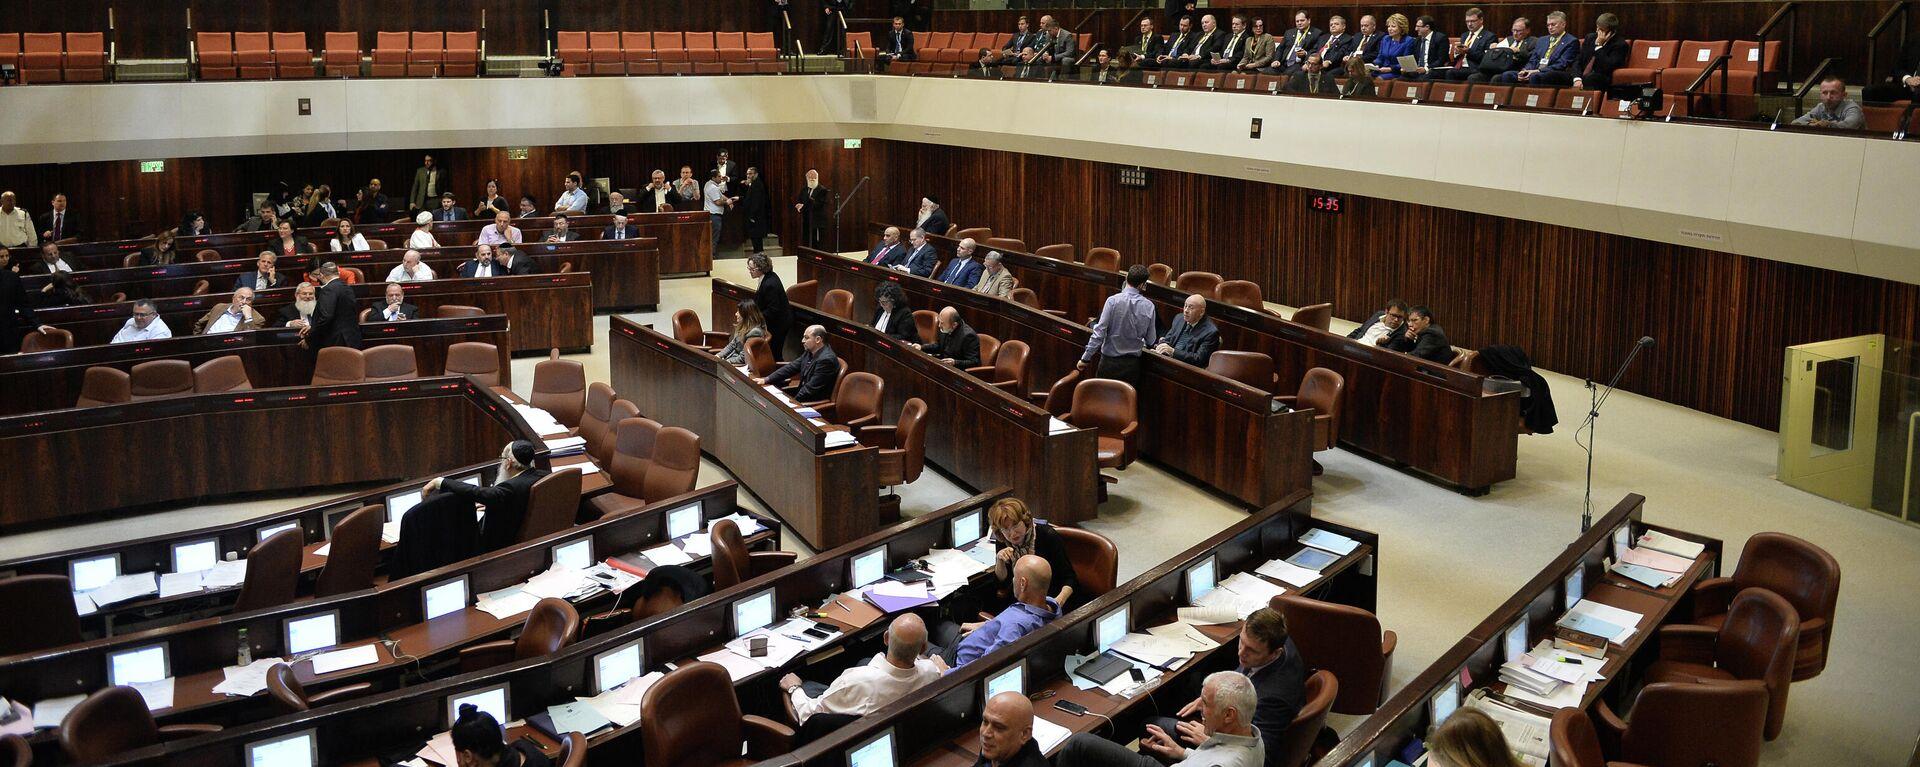 Il parlamento di Israele - Sputnik Italia, 1920, 13.06.2021